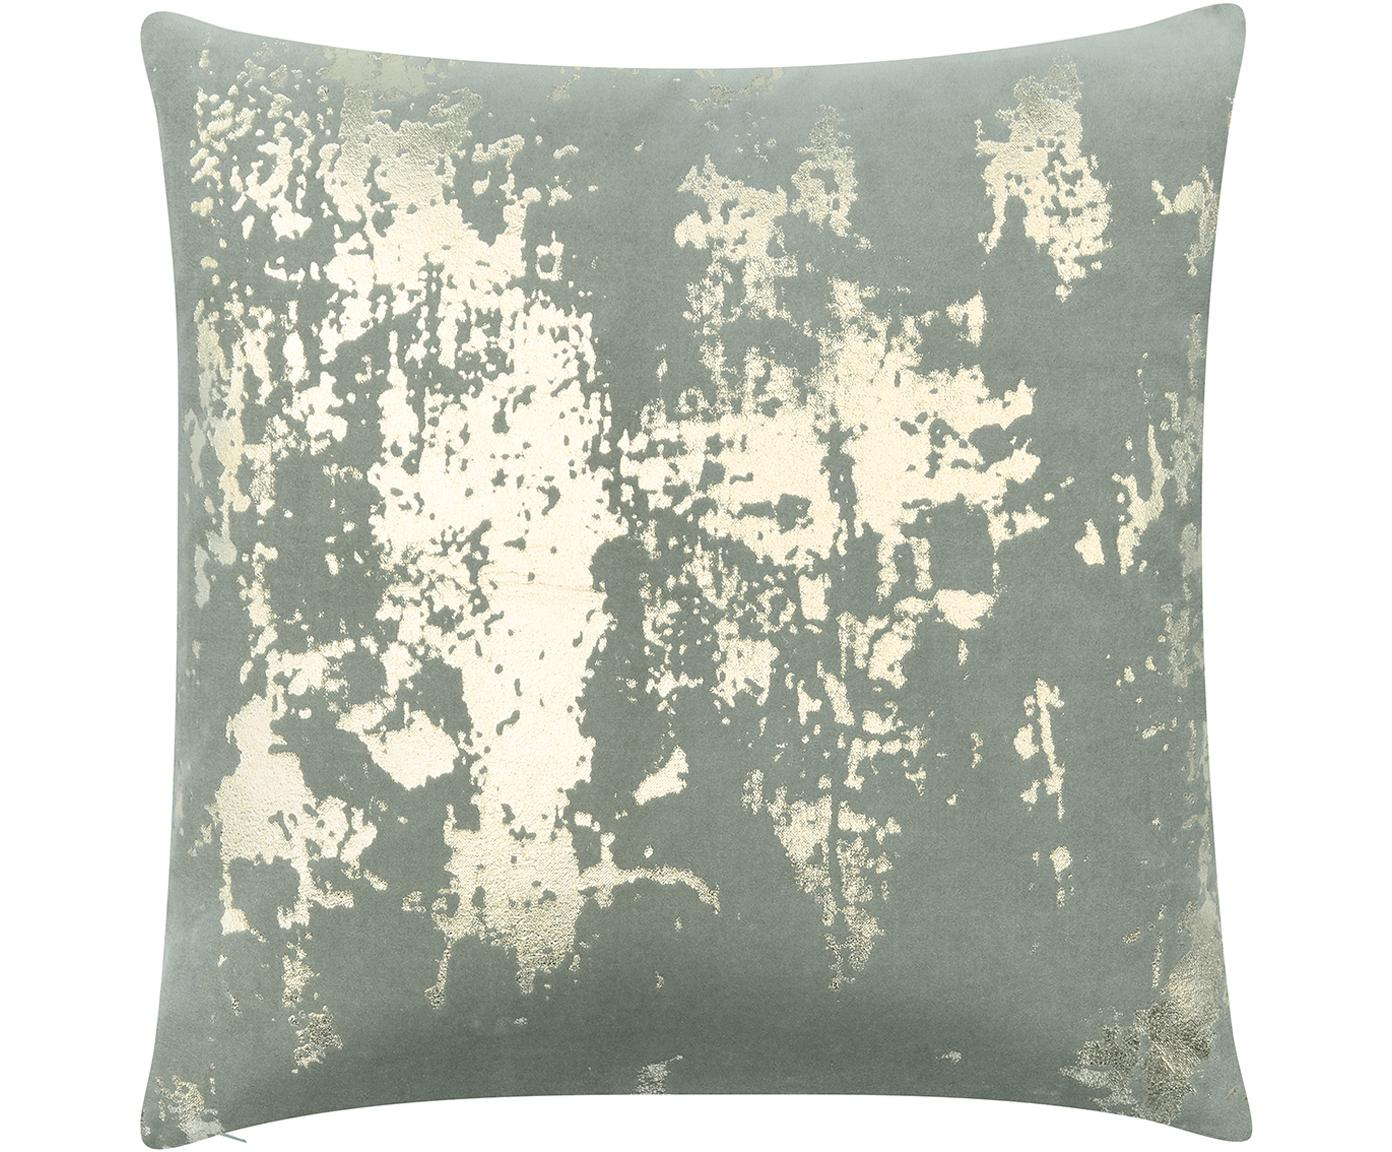 Federa arredo vintage in velluto lucido Shiny, Velluto di cotone, Verde salvia, dorato, Larg. 40 x Lung. 40 cm